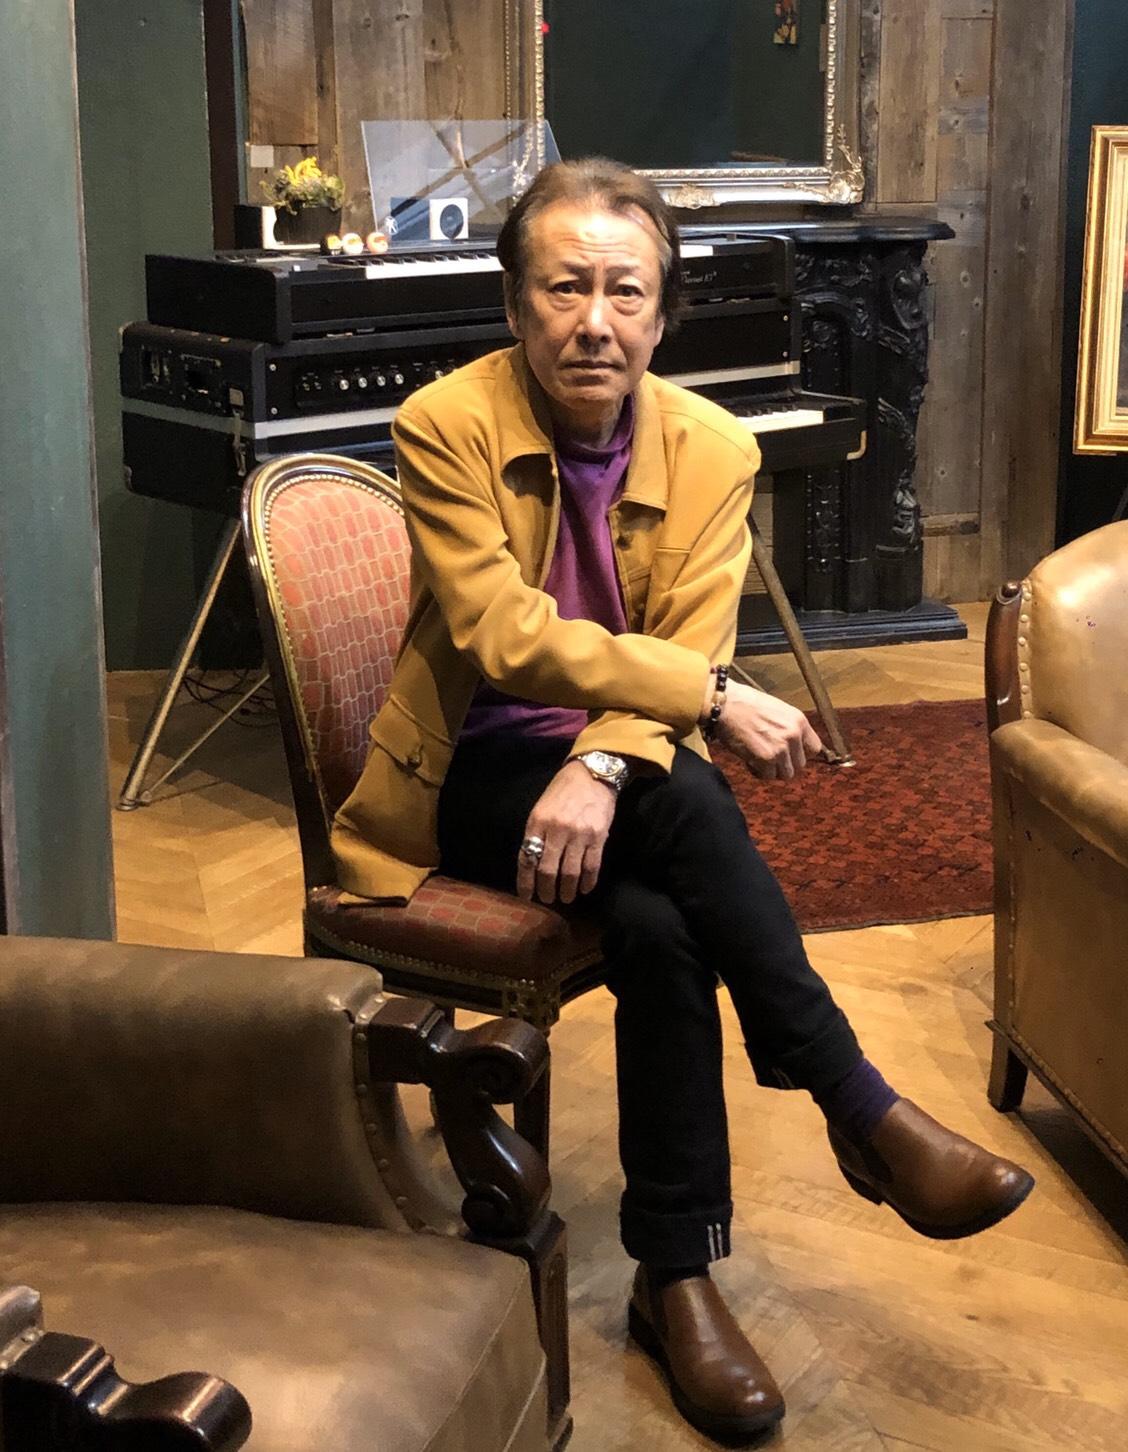 名探偵コナン・服部平次、ドラゴンボール・ベジータの声優・堀川りょうがYouTubeチャンネルをスタートサムネイル画像